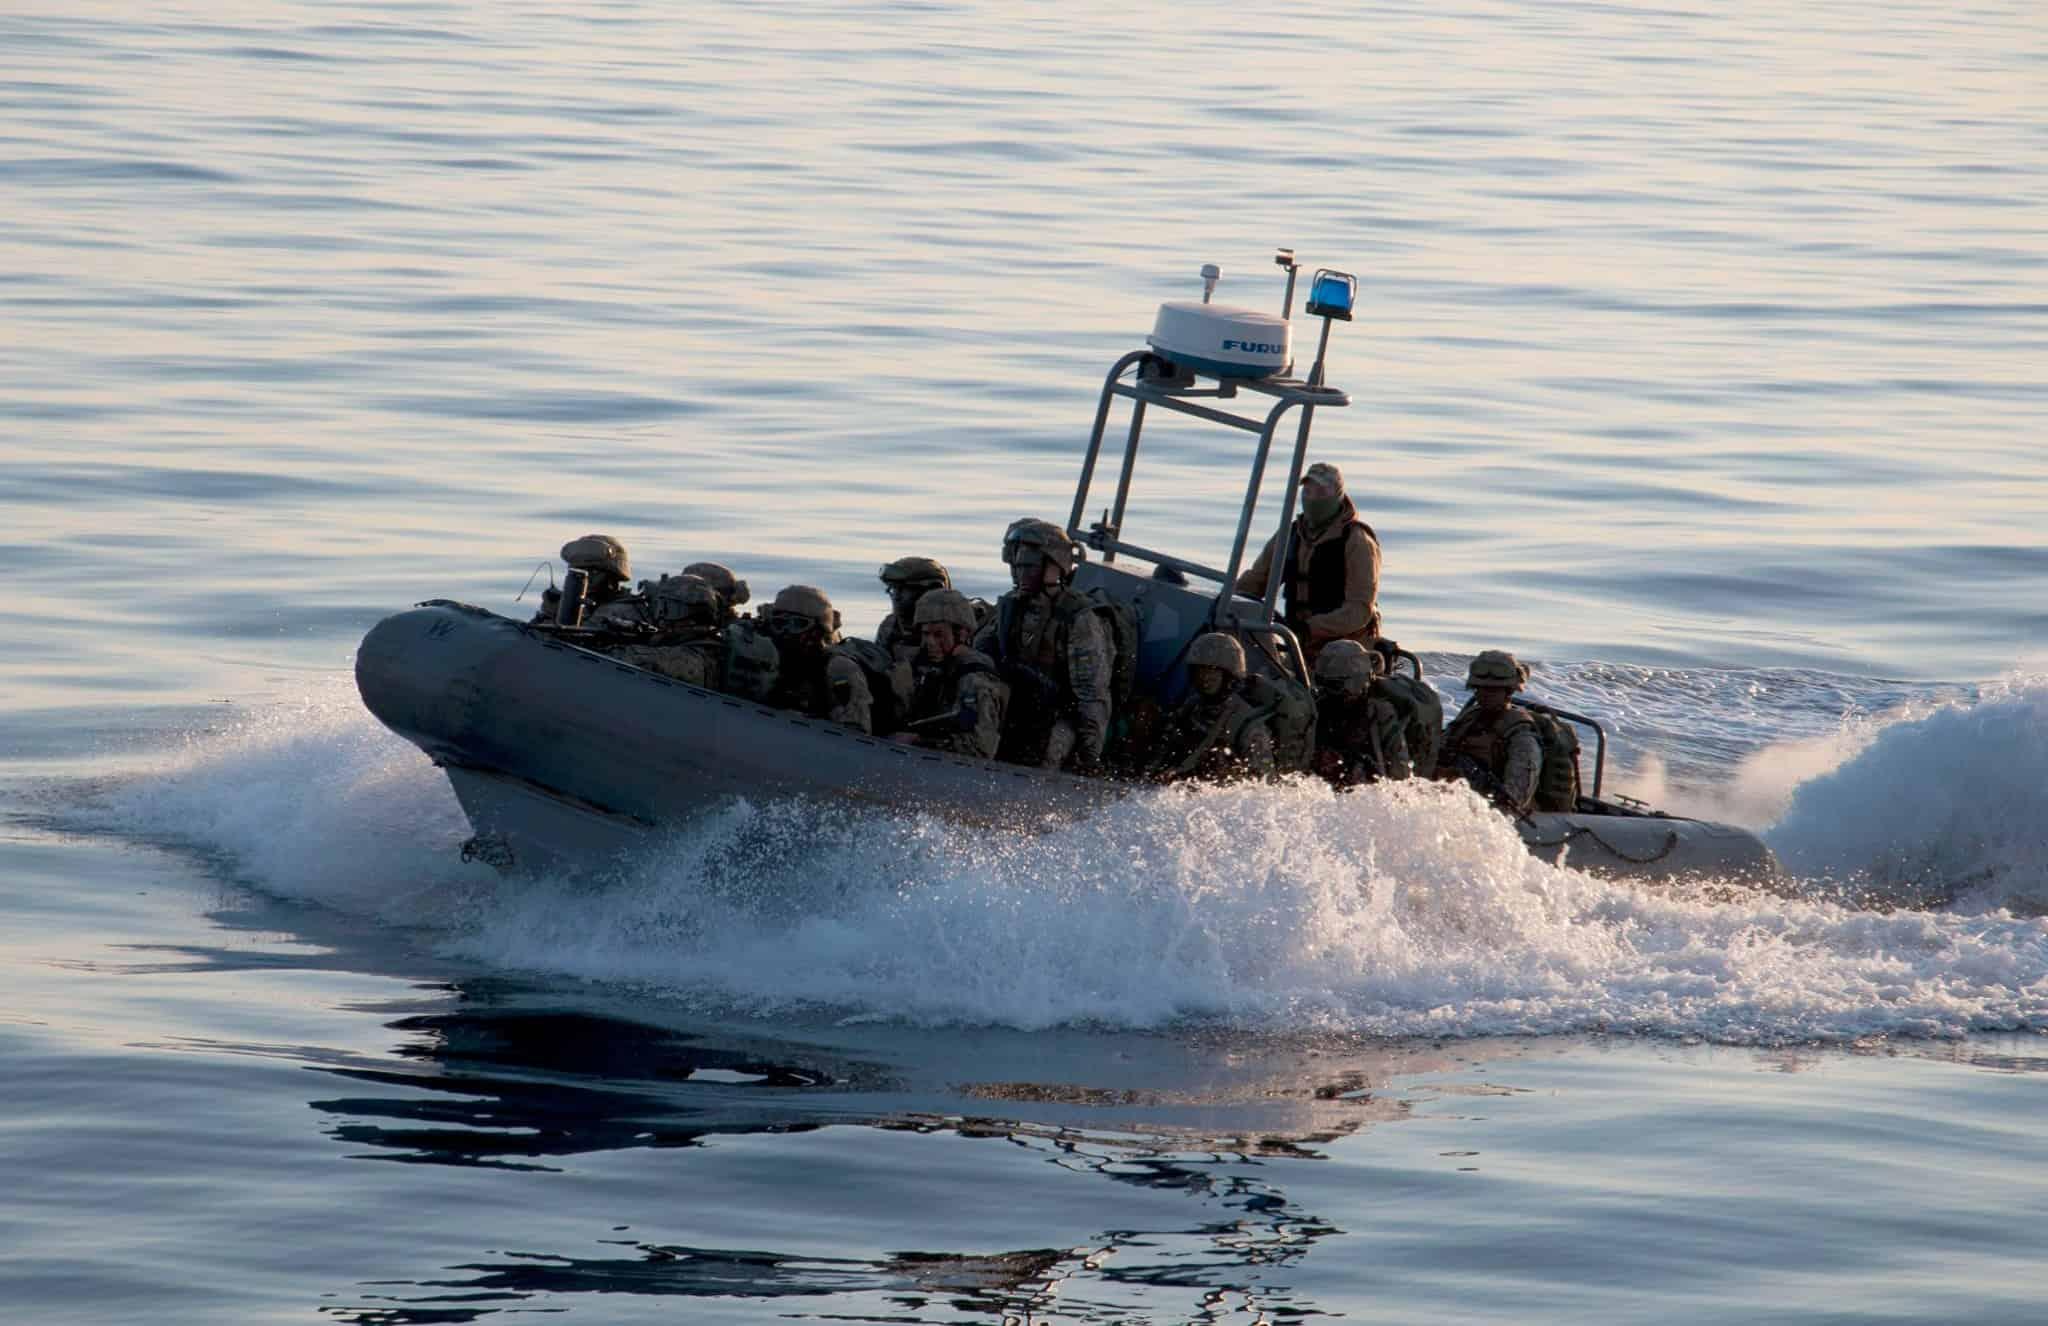 Морські піхотинці на швидкісному човні Willard Sea Force 730